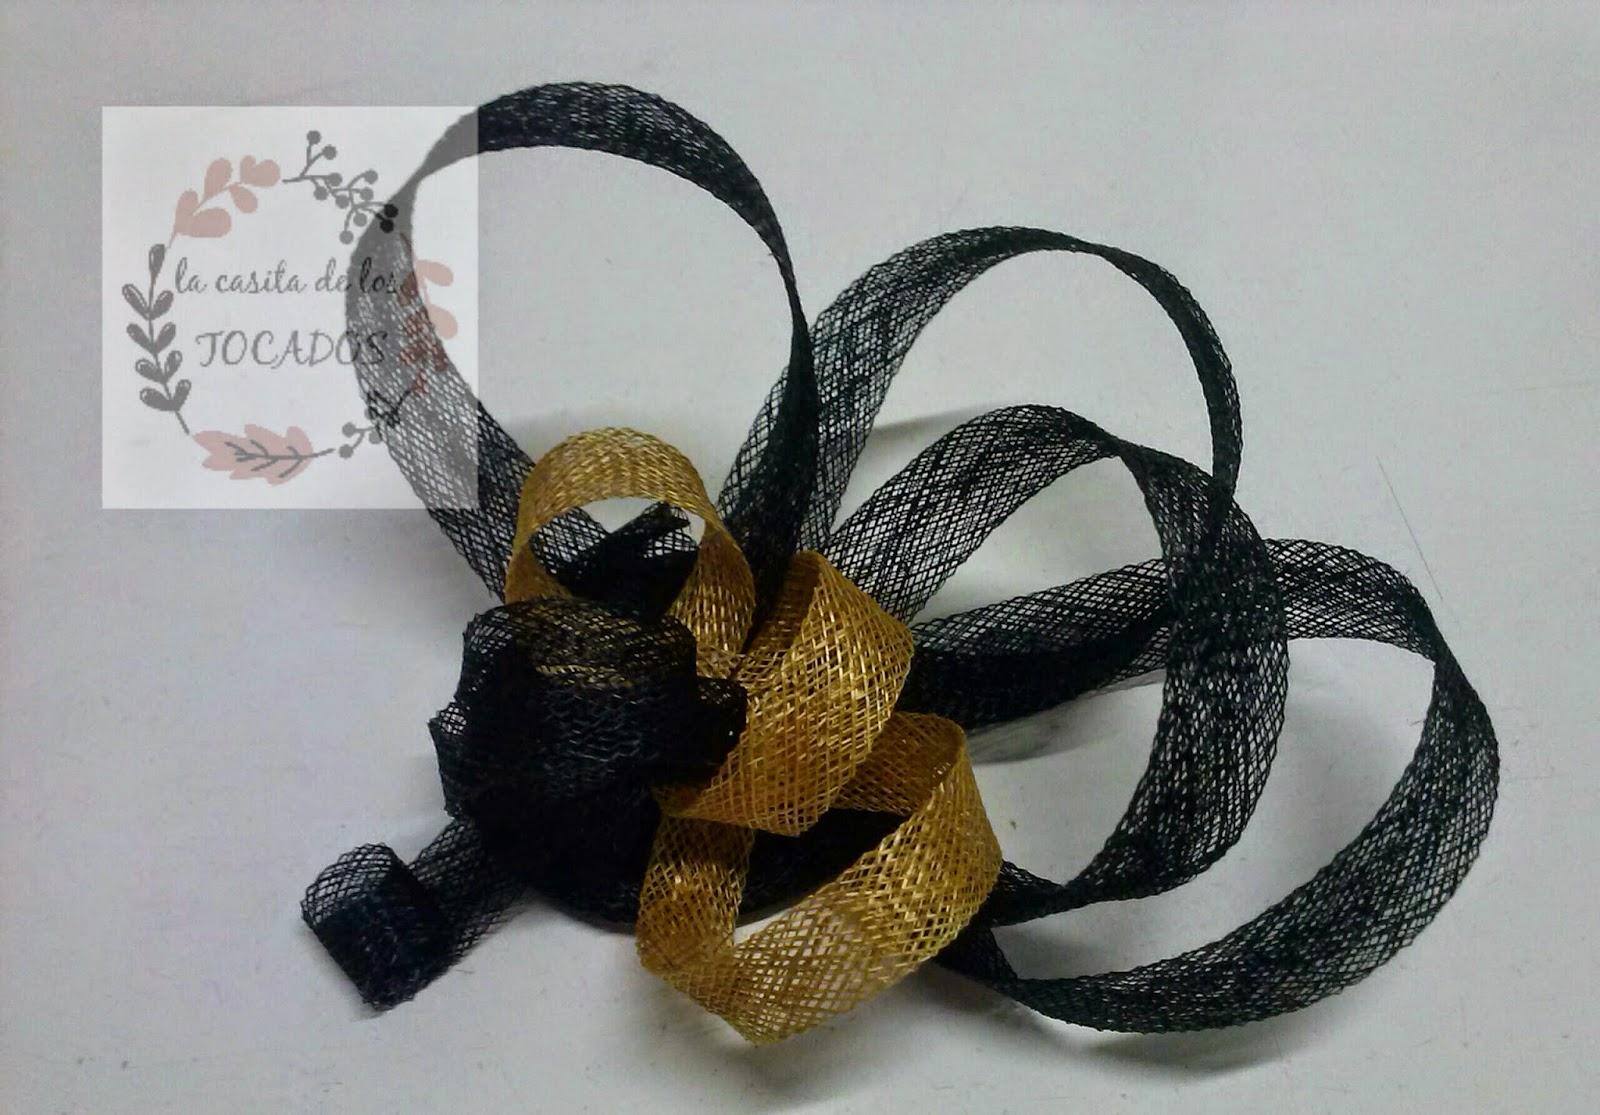 tocado para boda a buen precio y sencillo, en negro y dorado